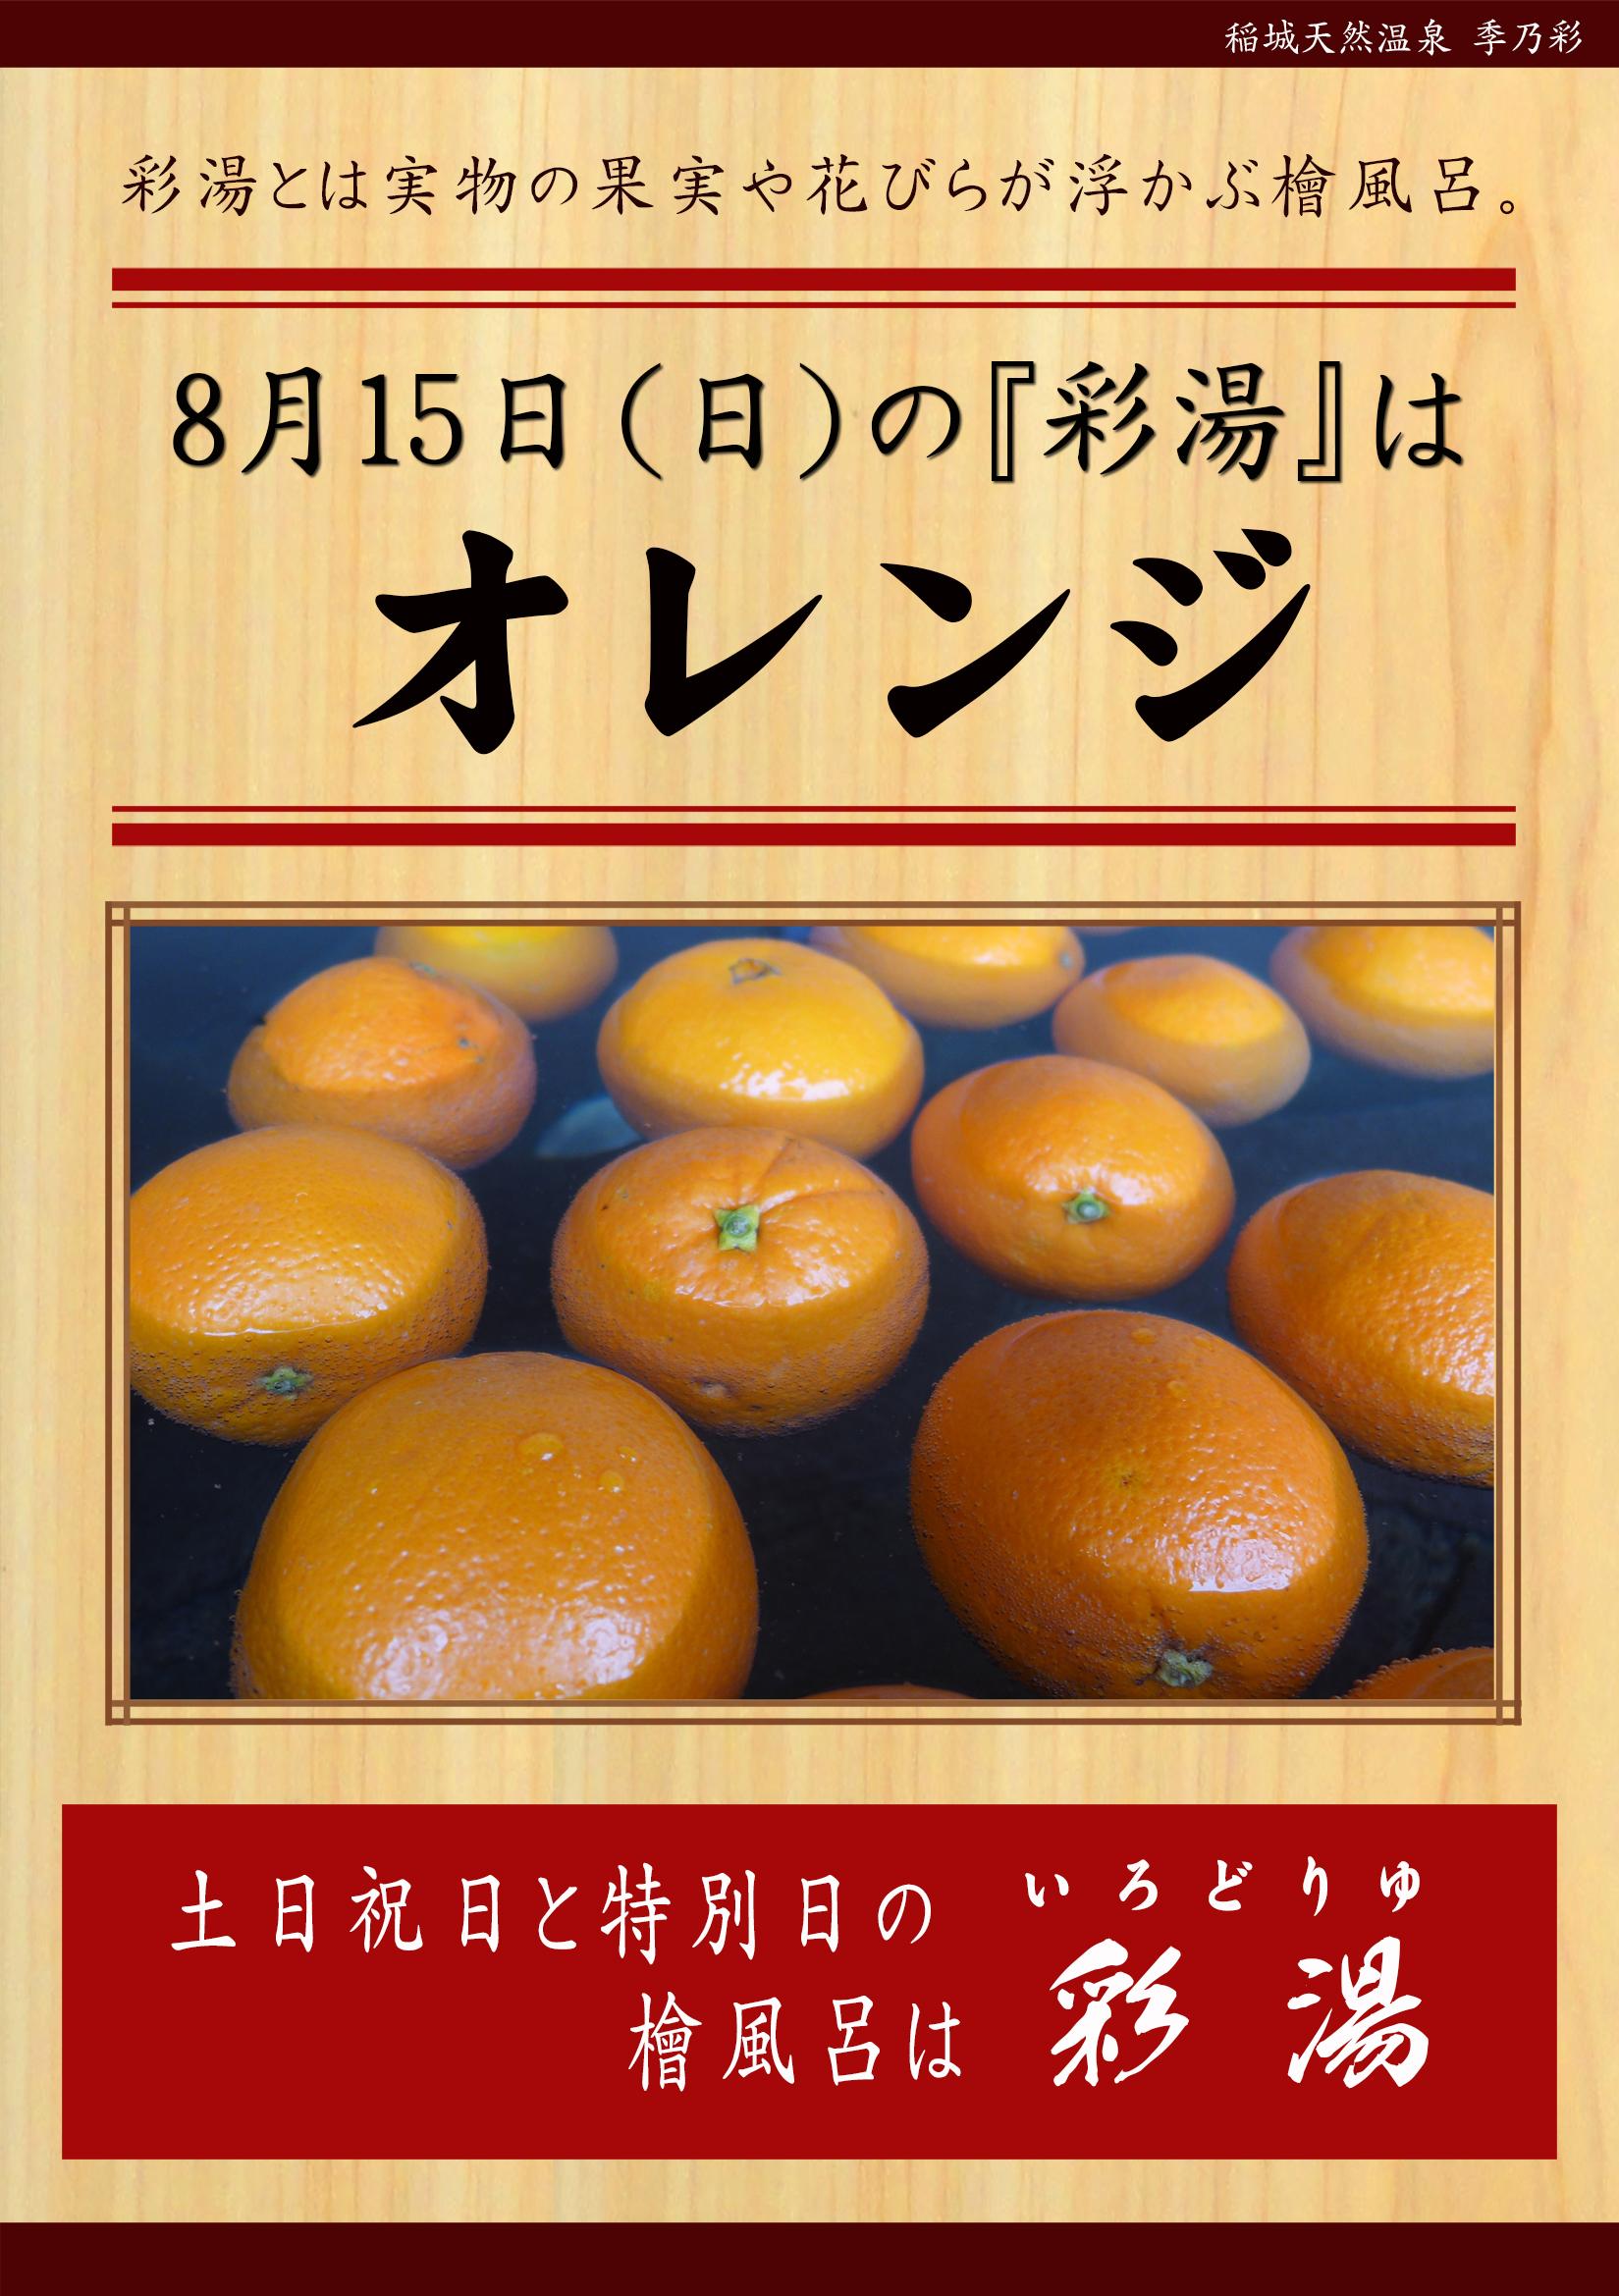 20210815 POP イベント 彩湯 オレンジ